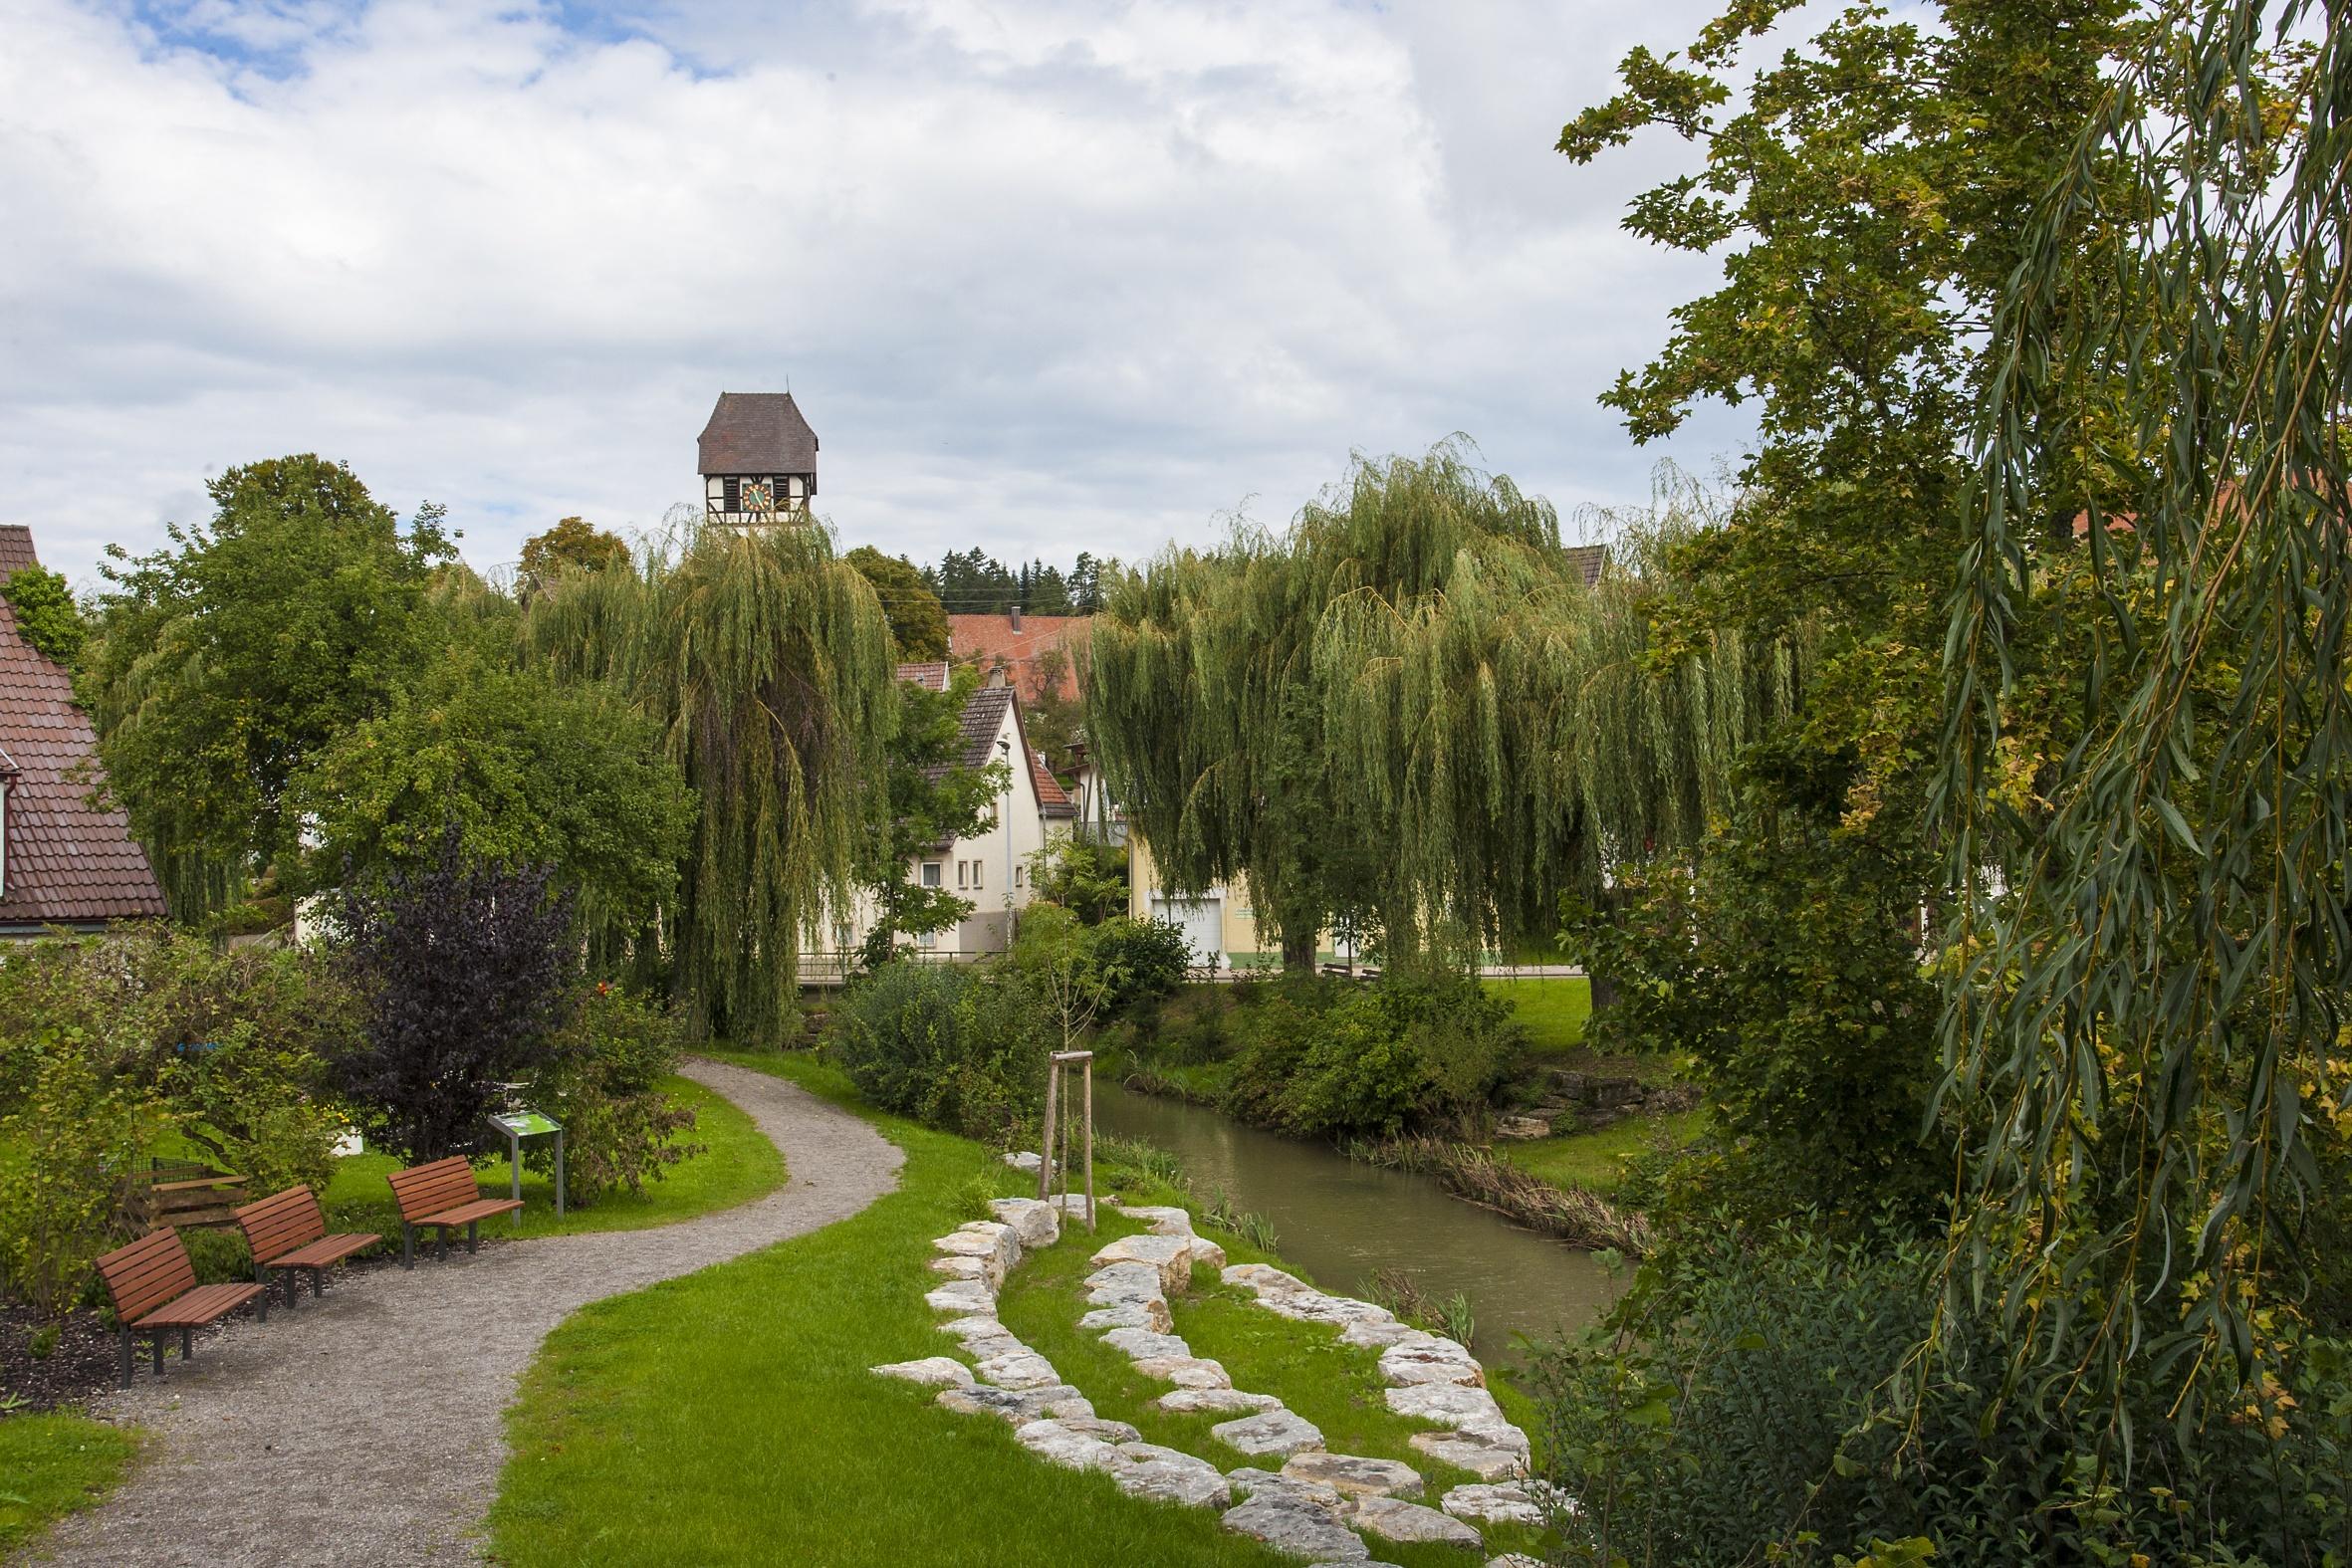 Ortsmitte Dautmergen